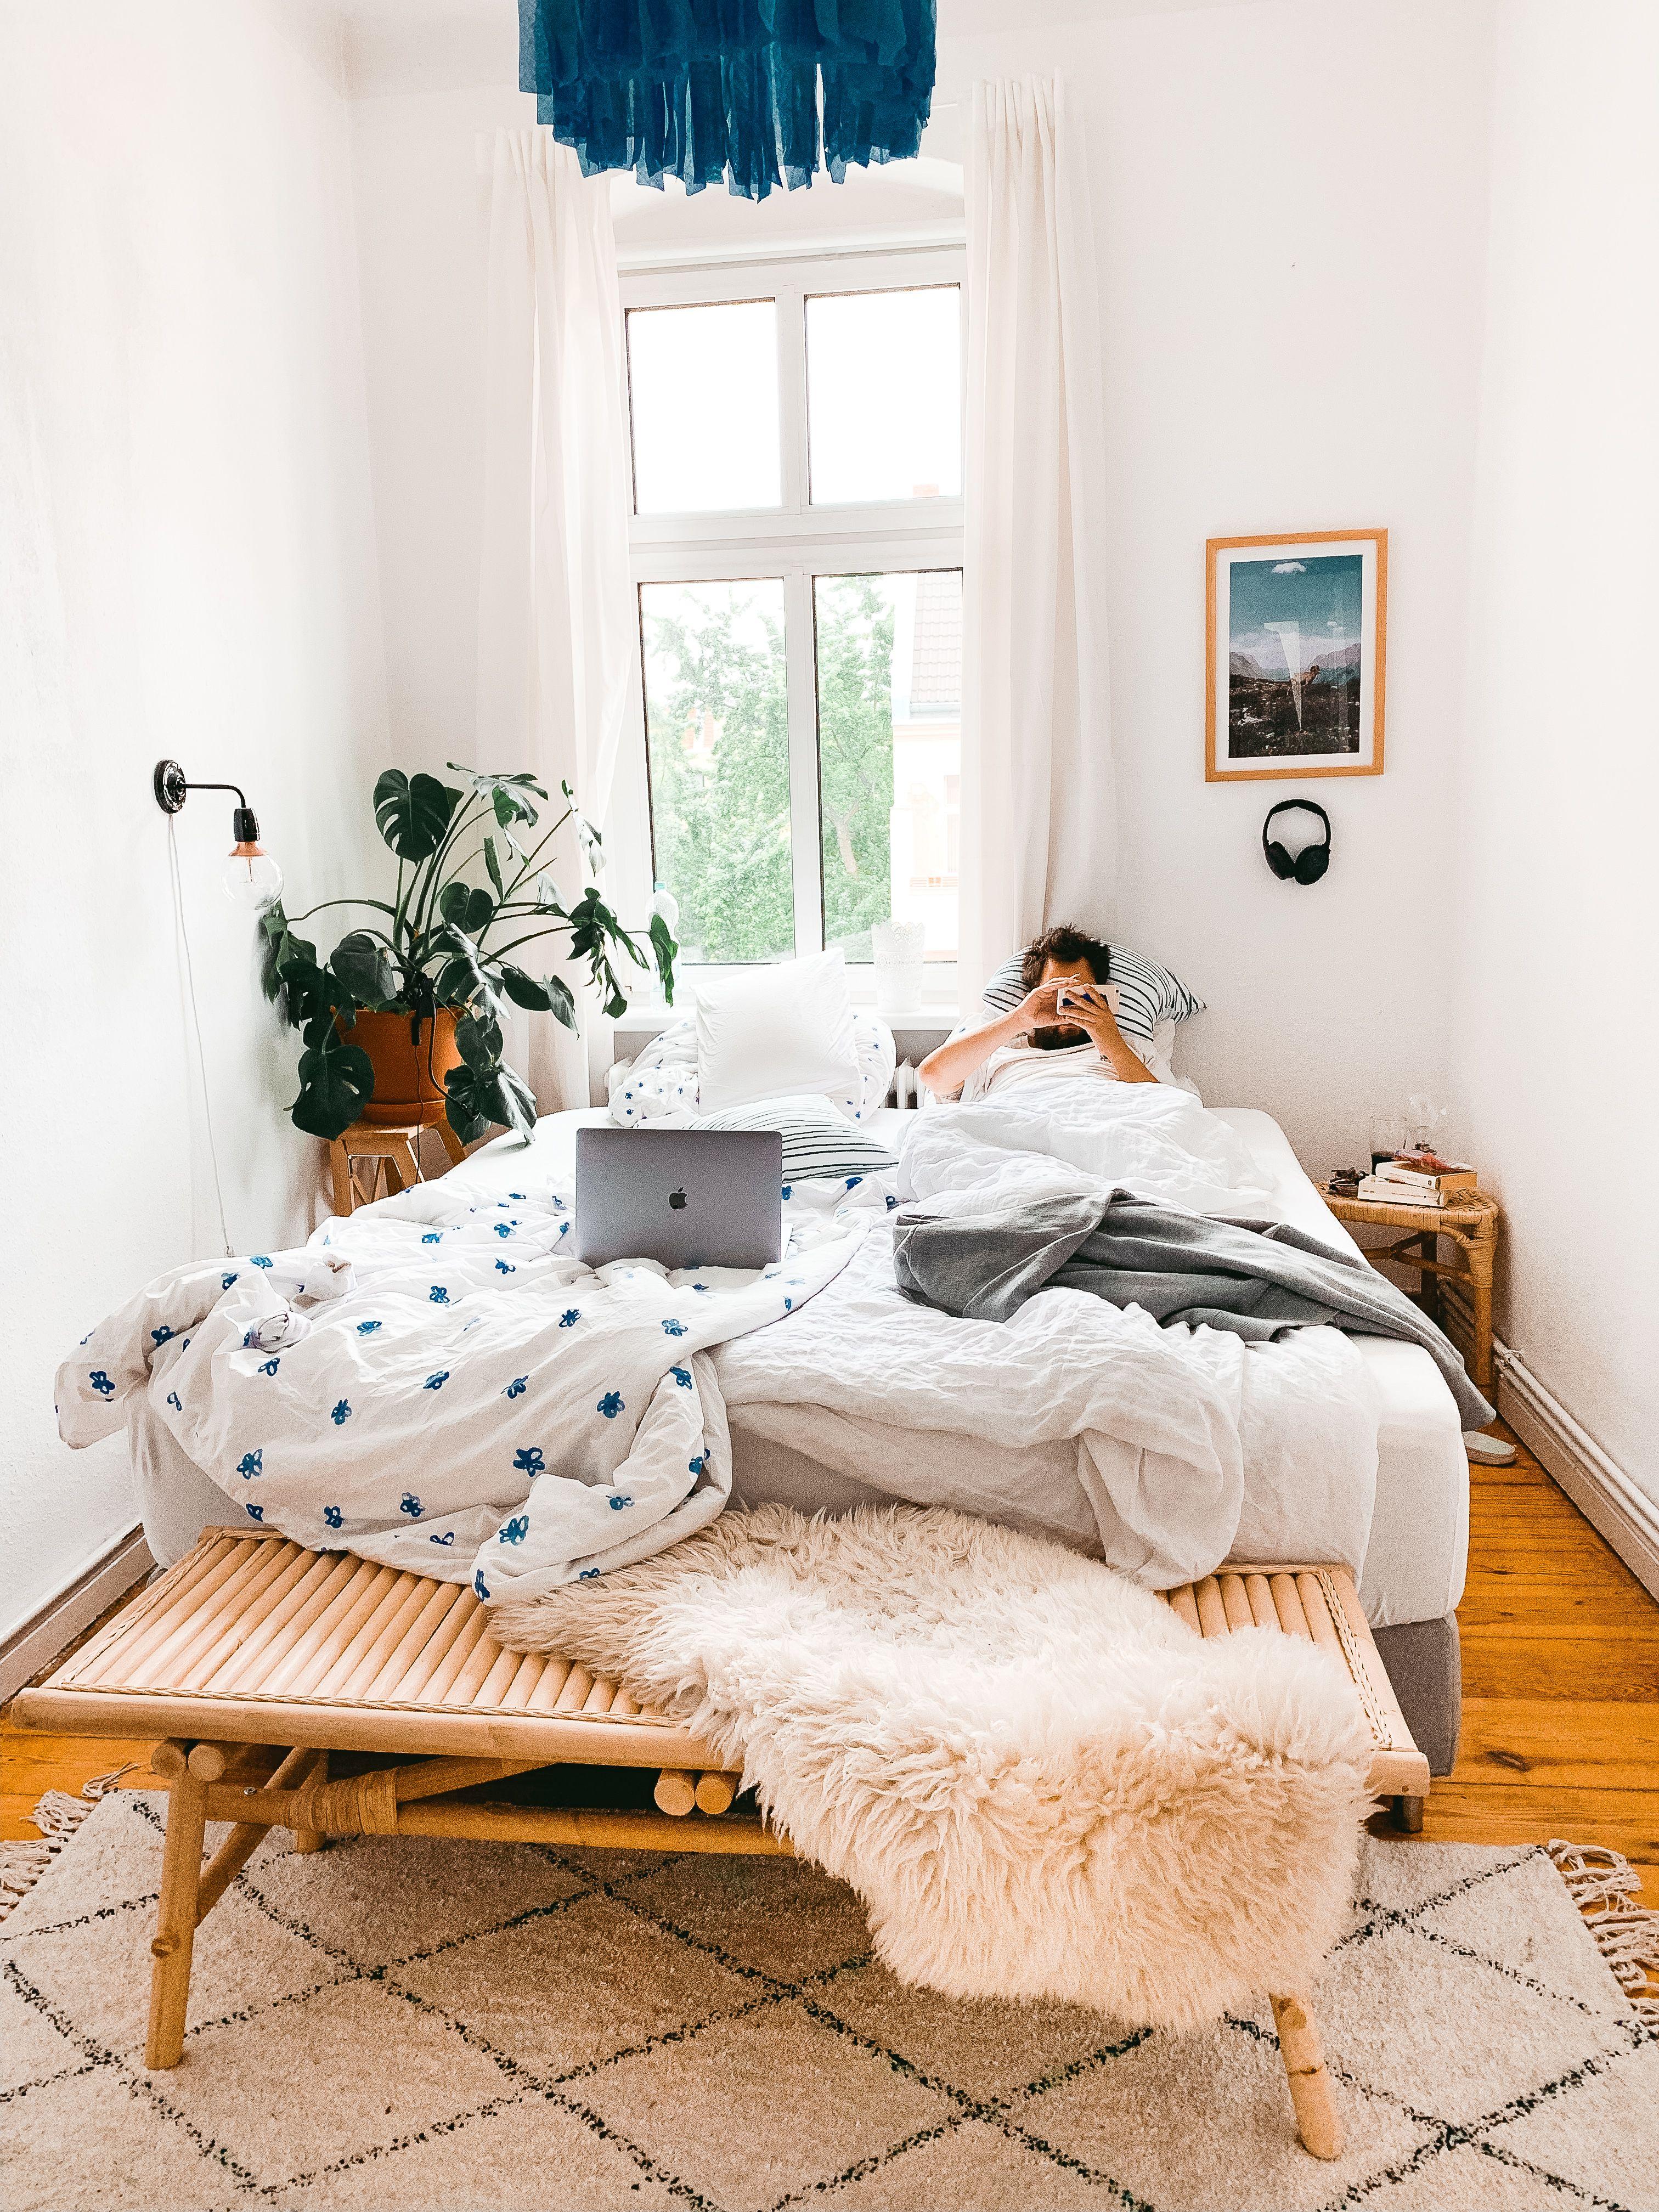 Cool Bett In Wohnzimmer Ideen Einzimmerwohnung Einrichten 1